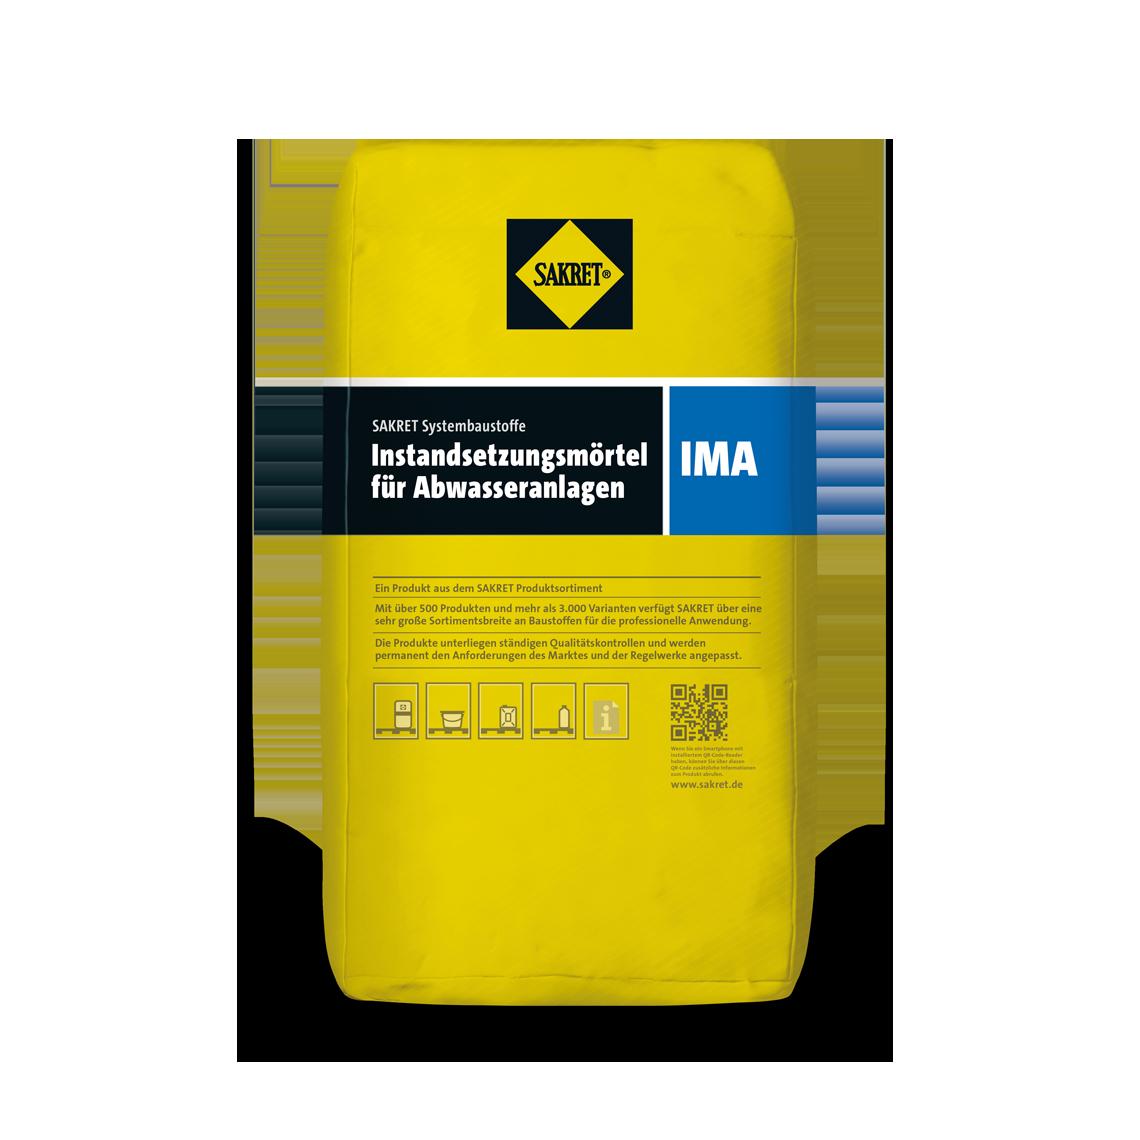 Abbildung SAKRET Instandsetzungsmörtel Abwasseranlagen IMA